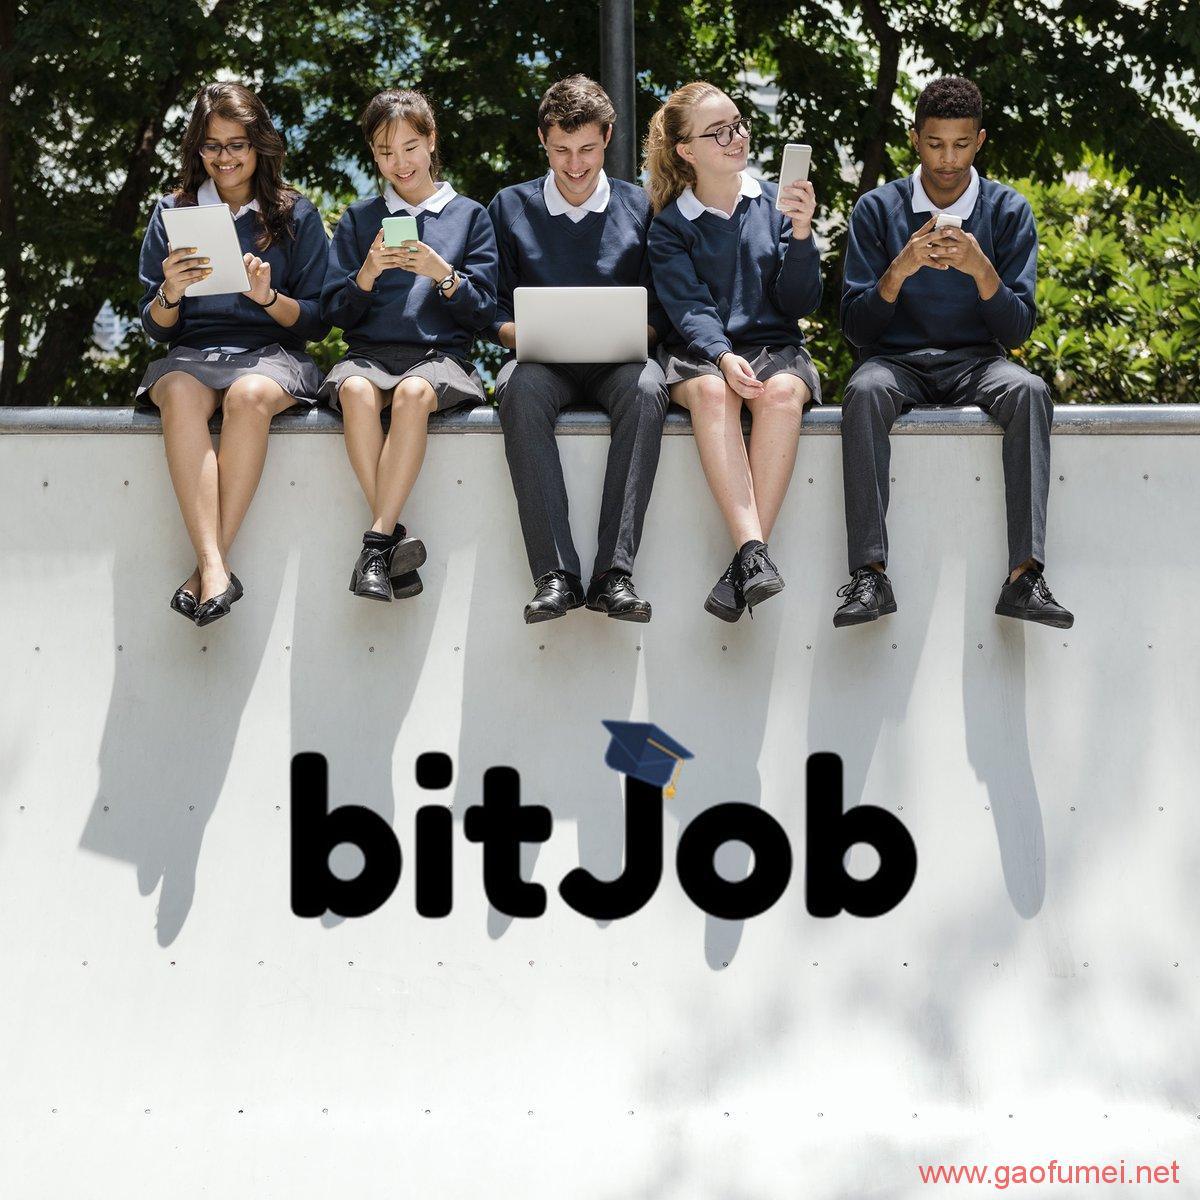 BitJob获得200万美元启动资金针对大学生的区块链就业服务平台 区块链 第1张-泥人传说